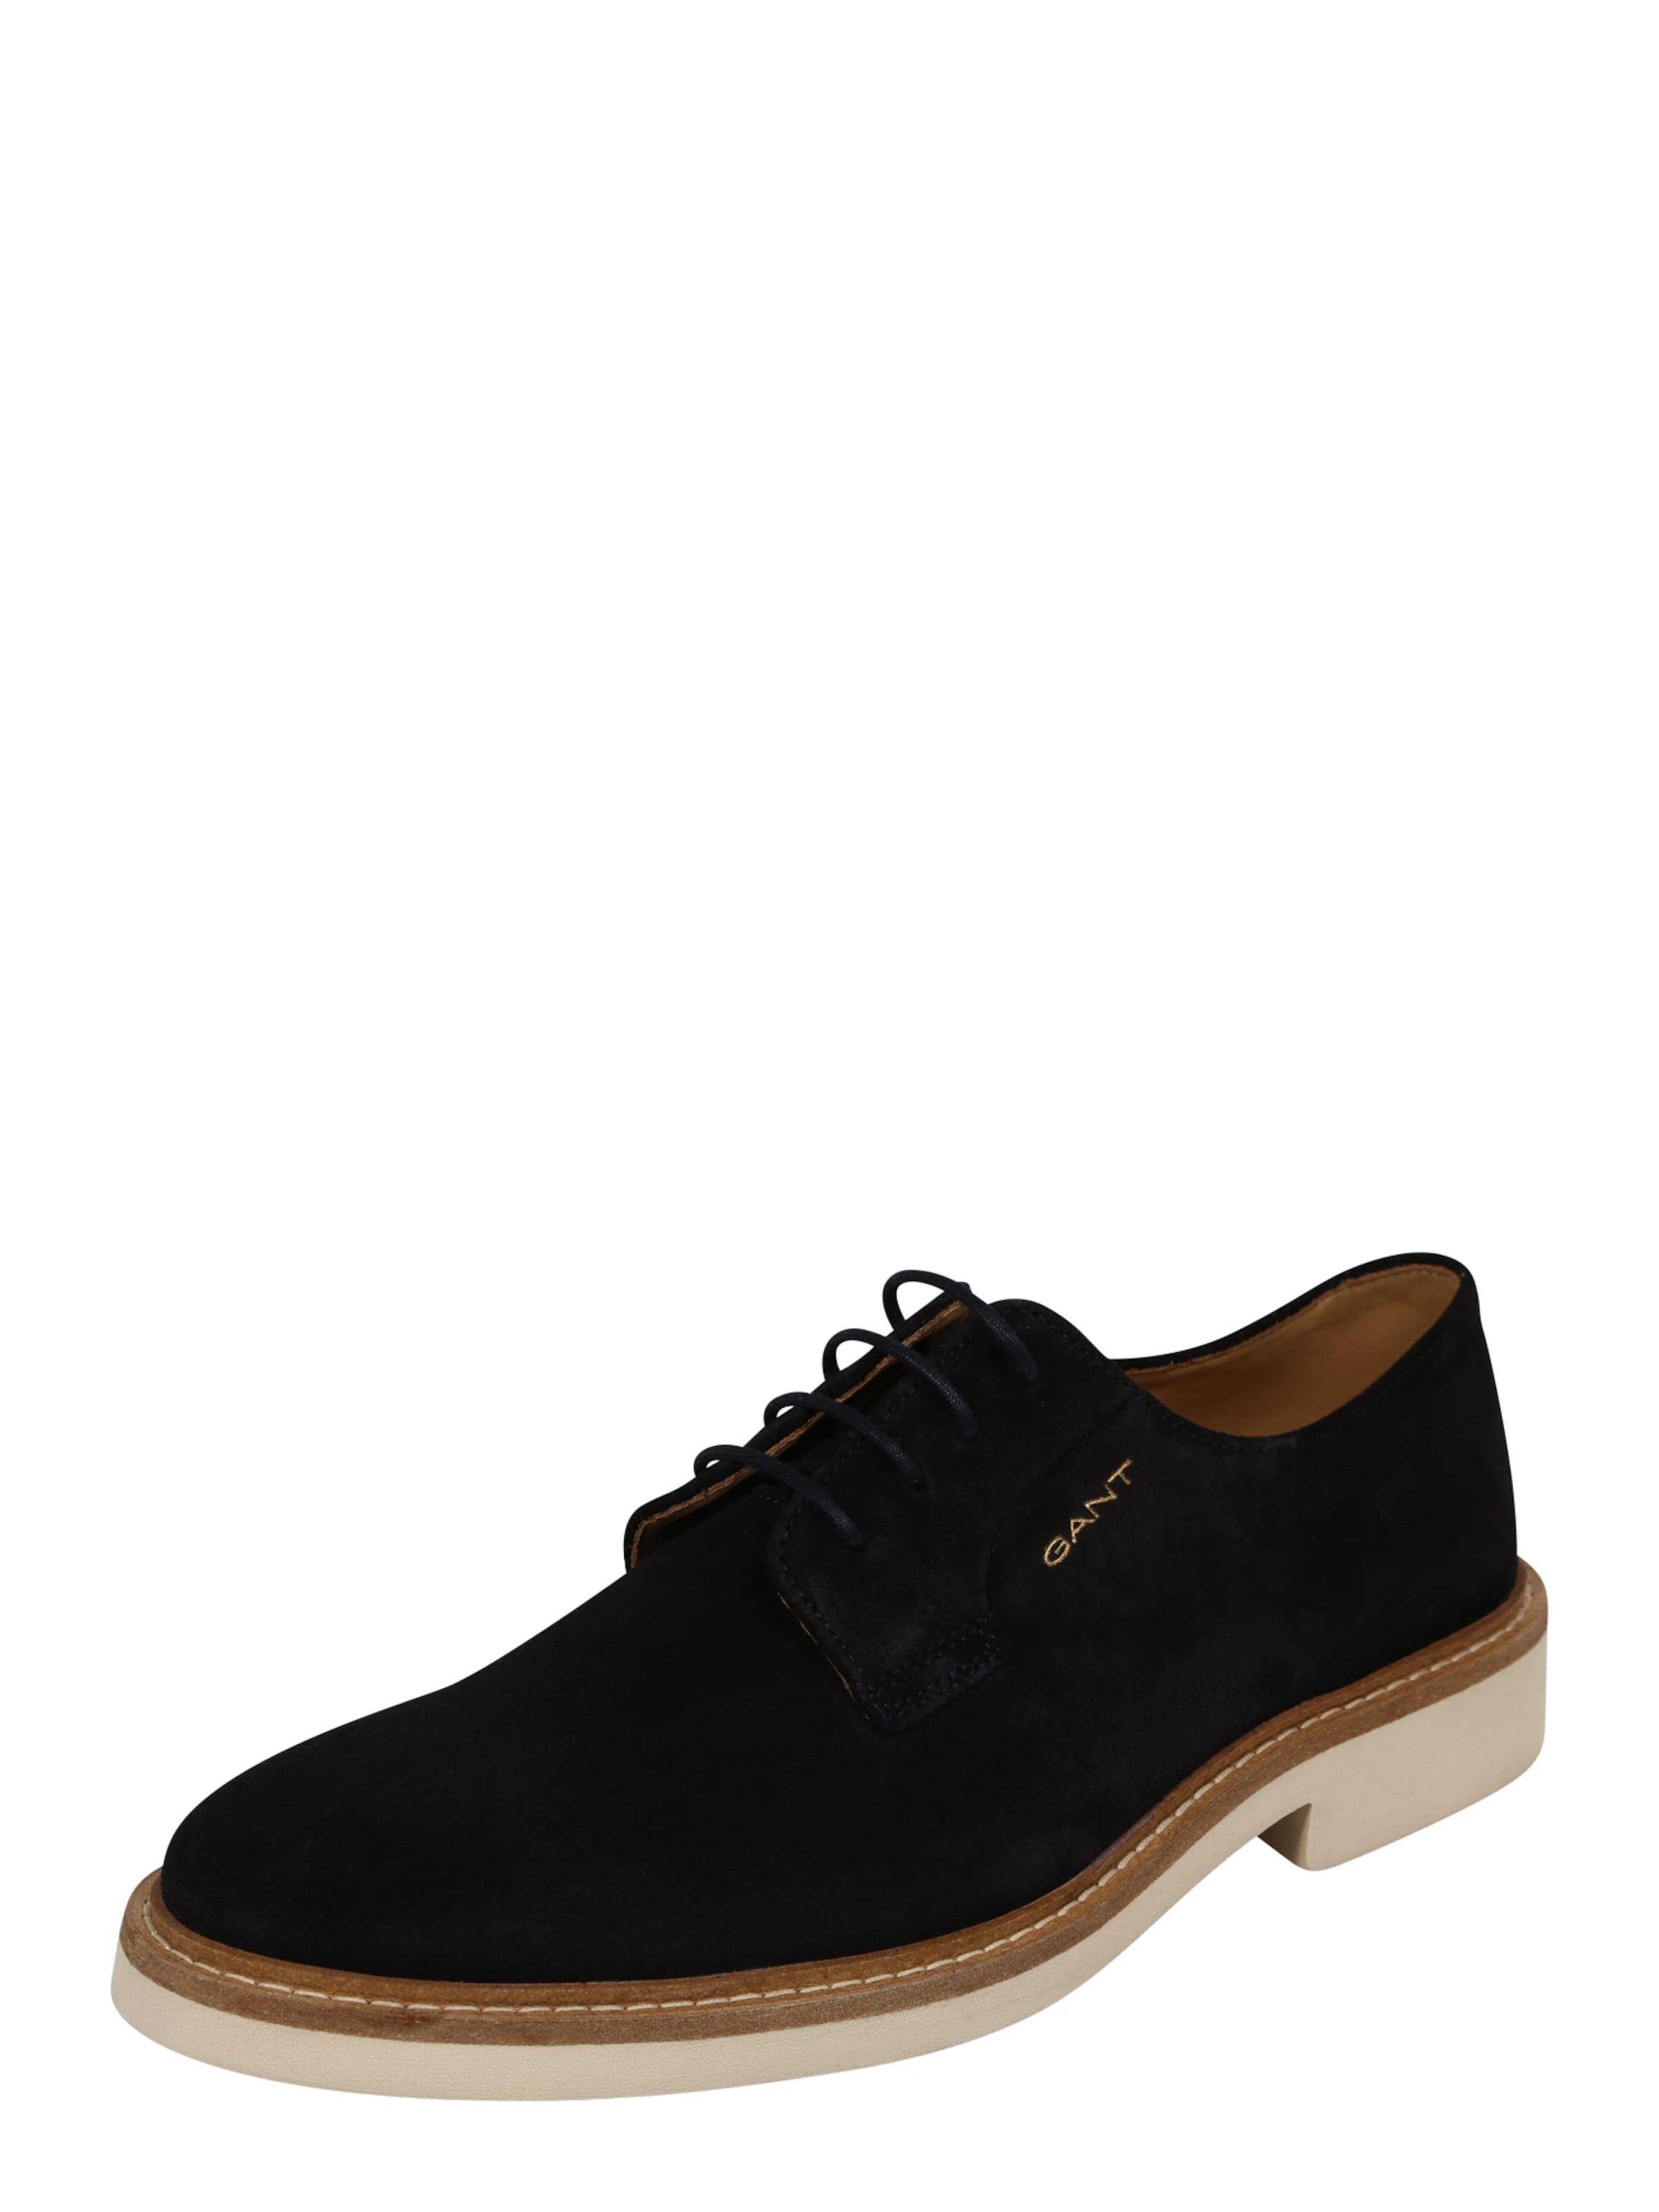 Haltbare Mode Schnürschuhe billige Schuhe GANT | Schnürschuhe Mode 'Parker' Schuhe Gut getragene Schuhe 29b3c9